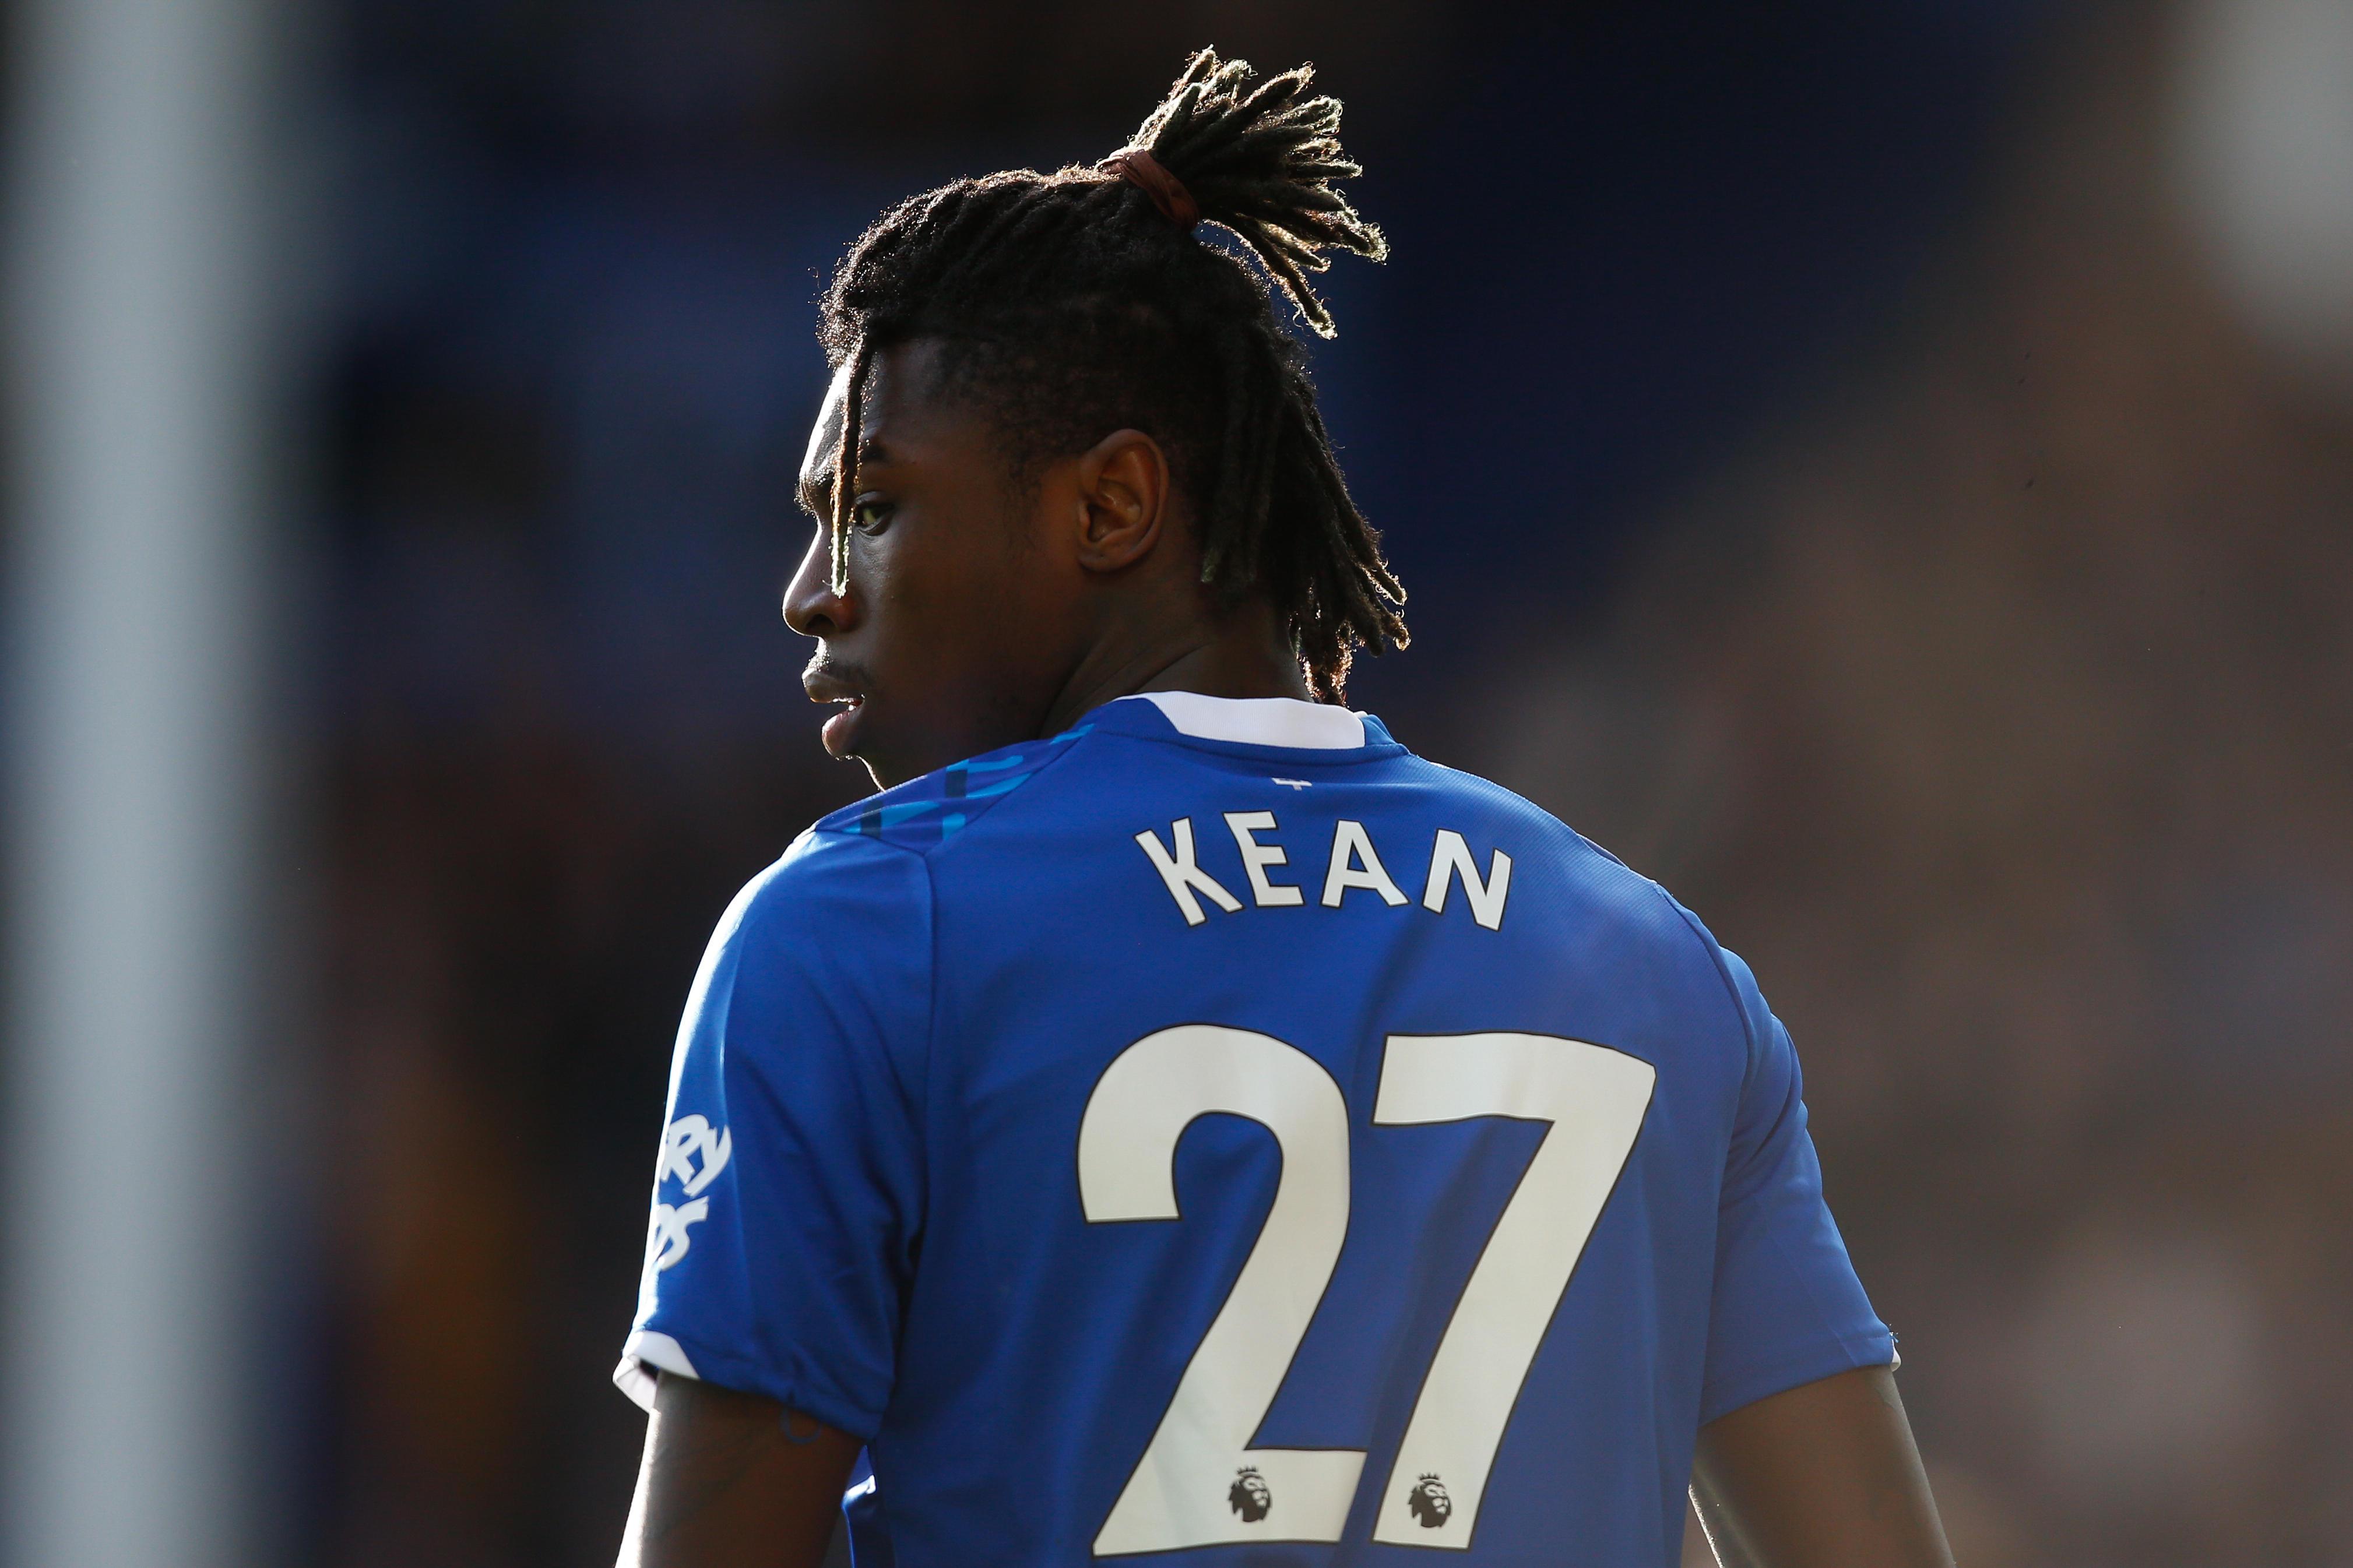 Kean không thể hiện được nhiều ở Everton